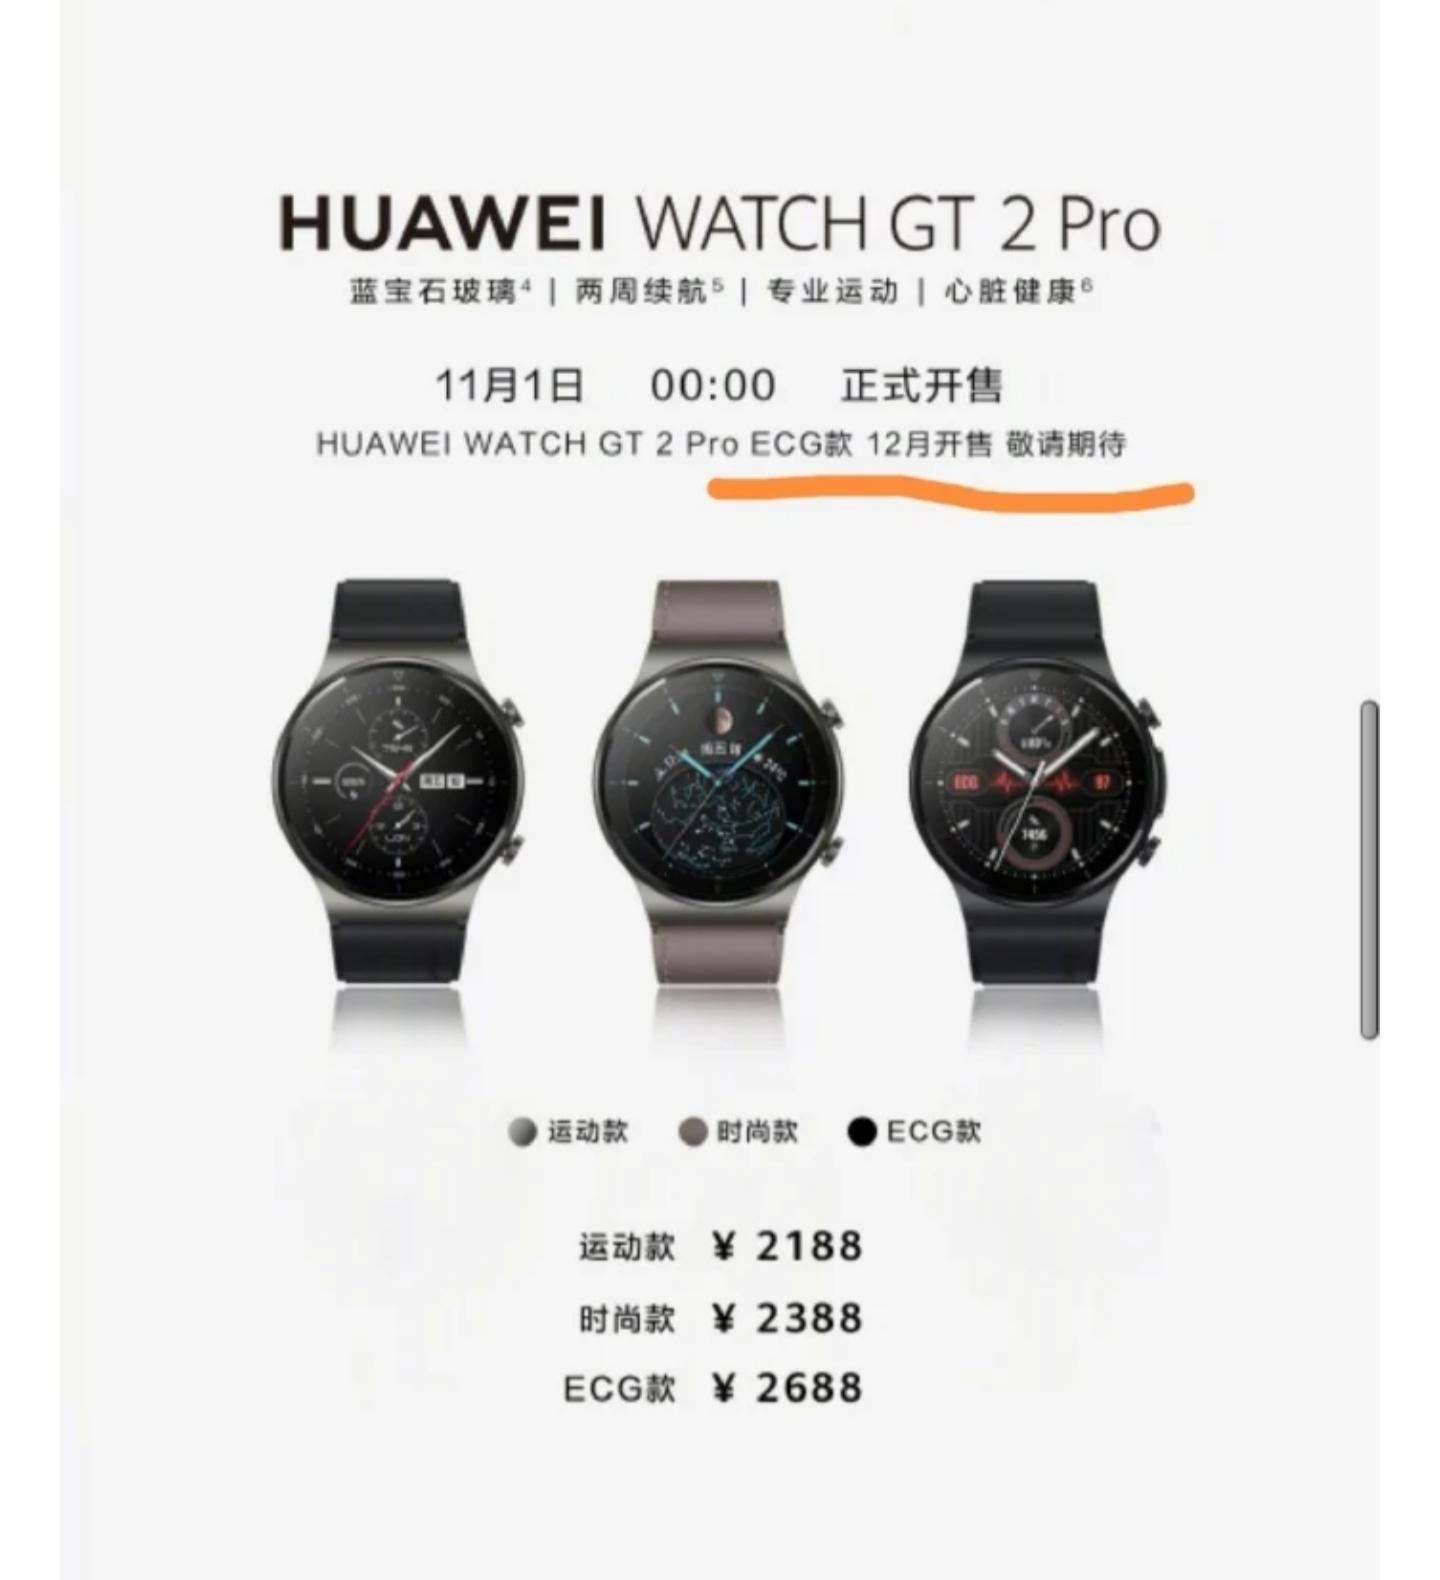 Huawei Watch GT 2 Pro с поддержкой ЭКГ появится в Китае 12 декабря